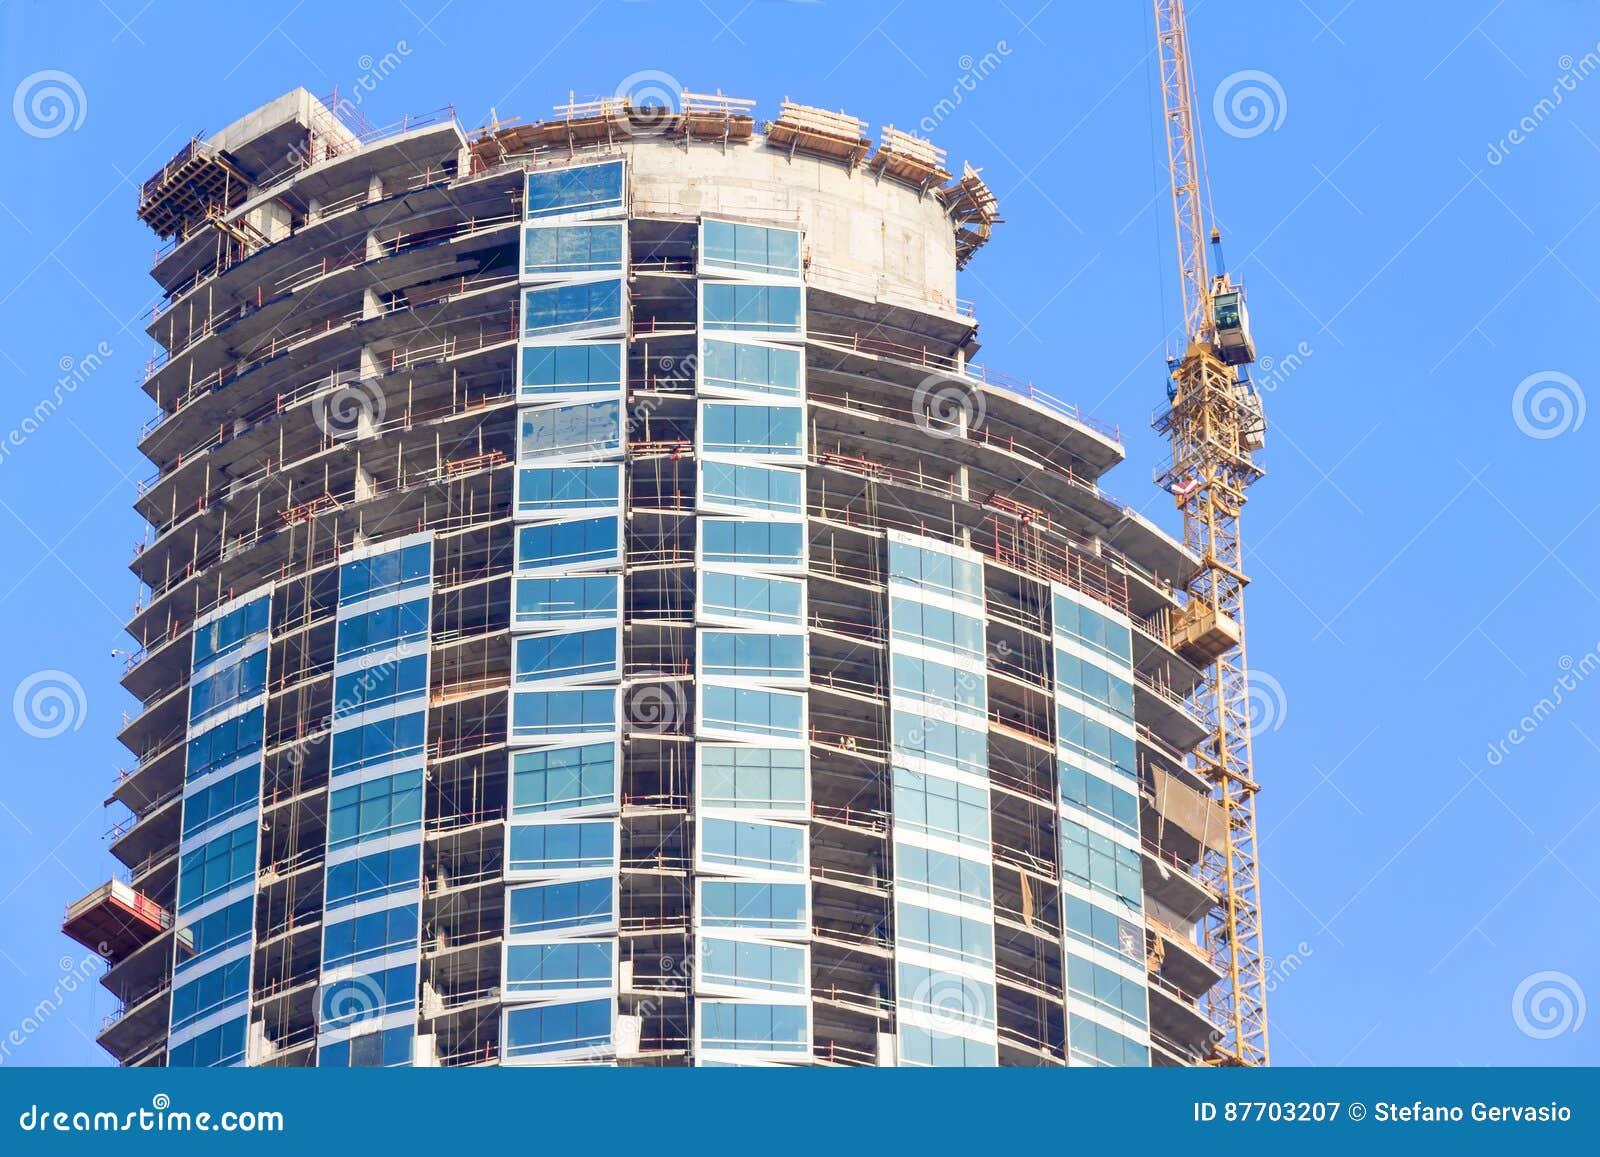 Chantier de construction d un gratte-ciel